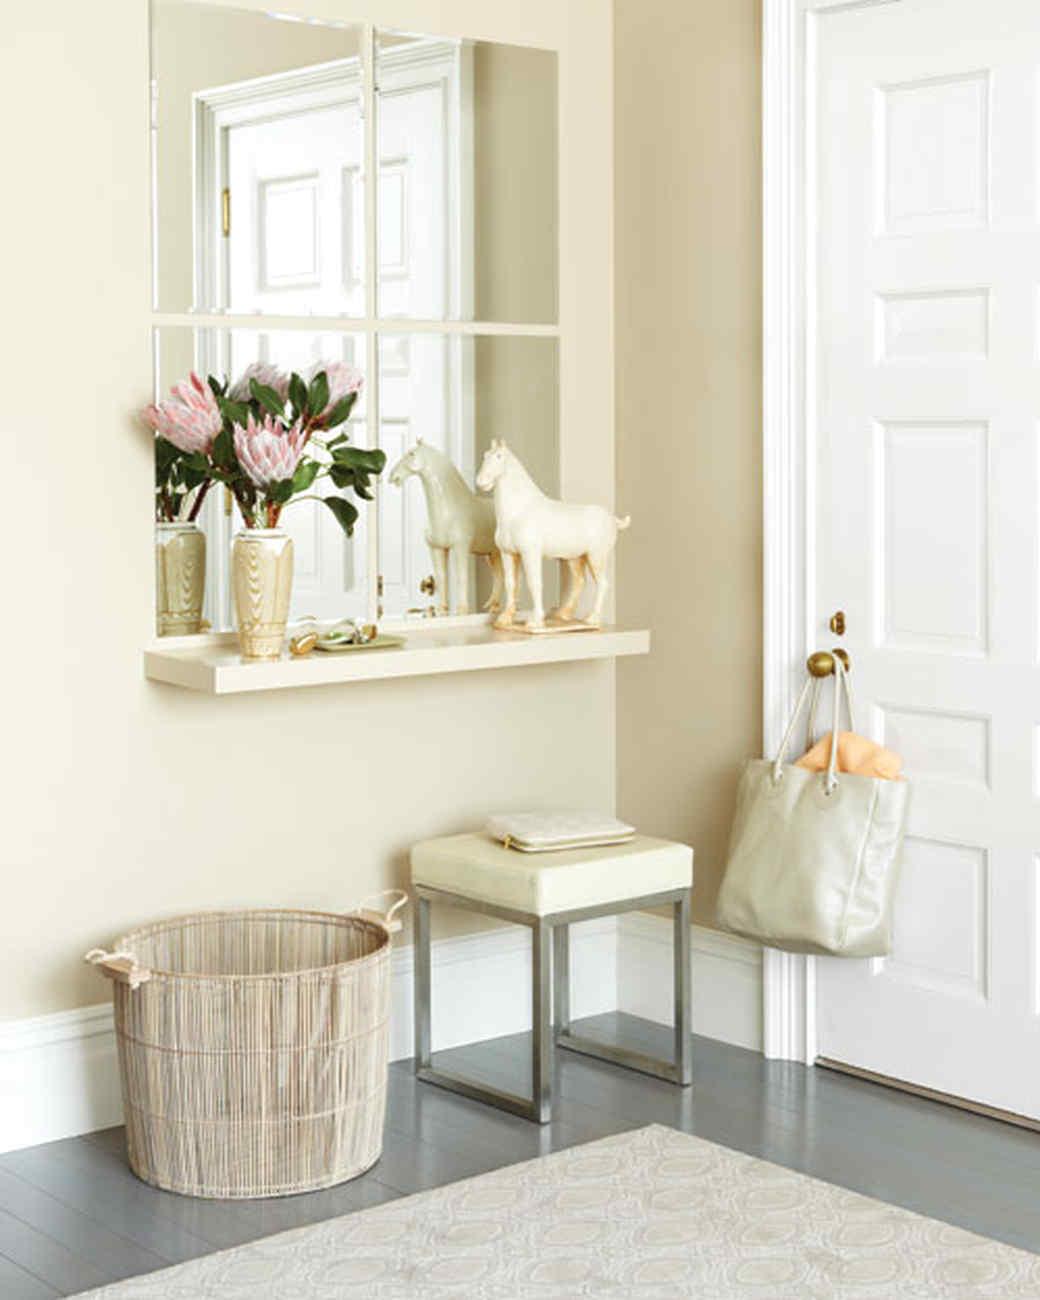 decorate narrow entryway hallway entrance. narrow entrance hall ideas. decorate entryway hallway